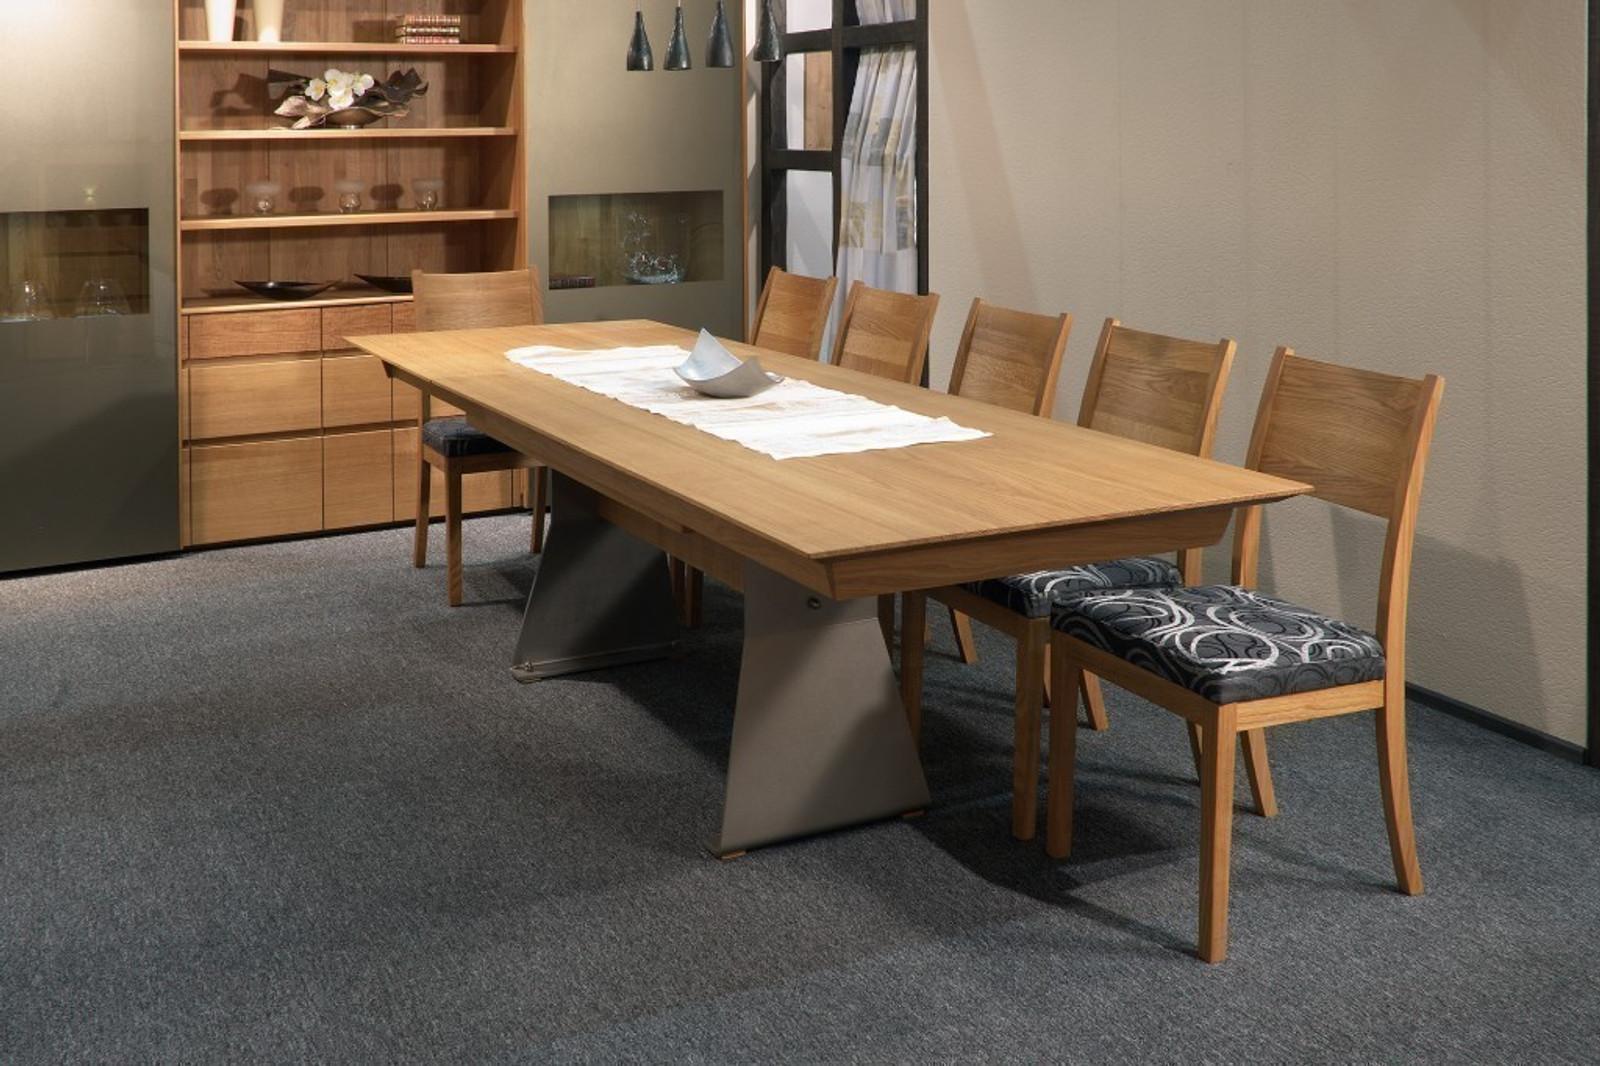 esstisch tisch moderna mit metallwange in eiche asteiche buche kirschbaum kernbuche. Black Bedroom Furniture Sets. Home Design Ideas